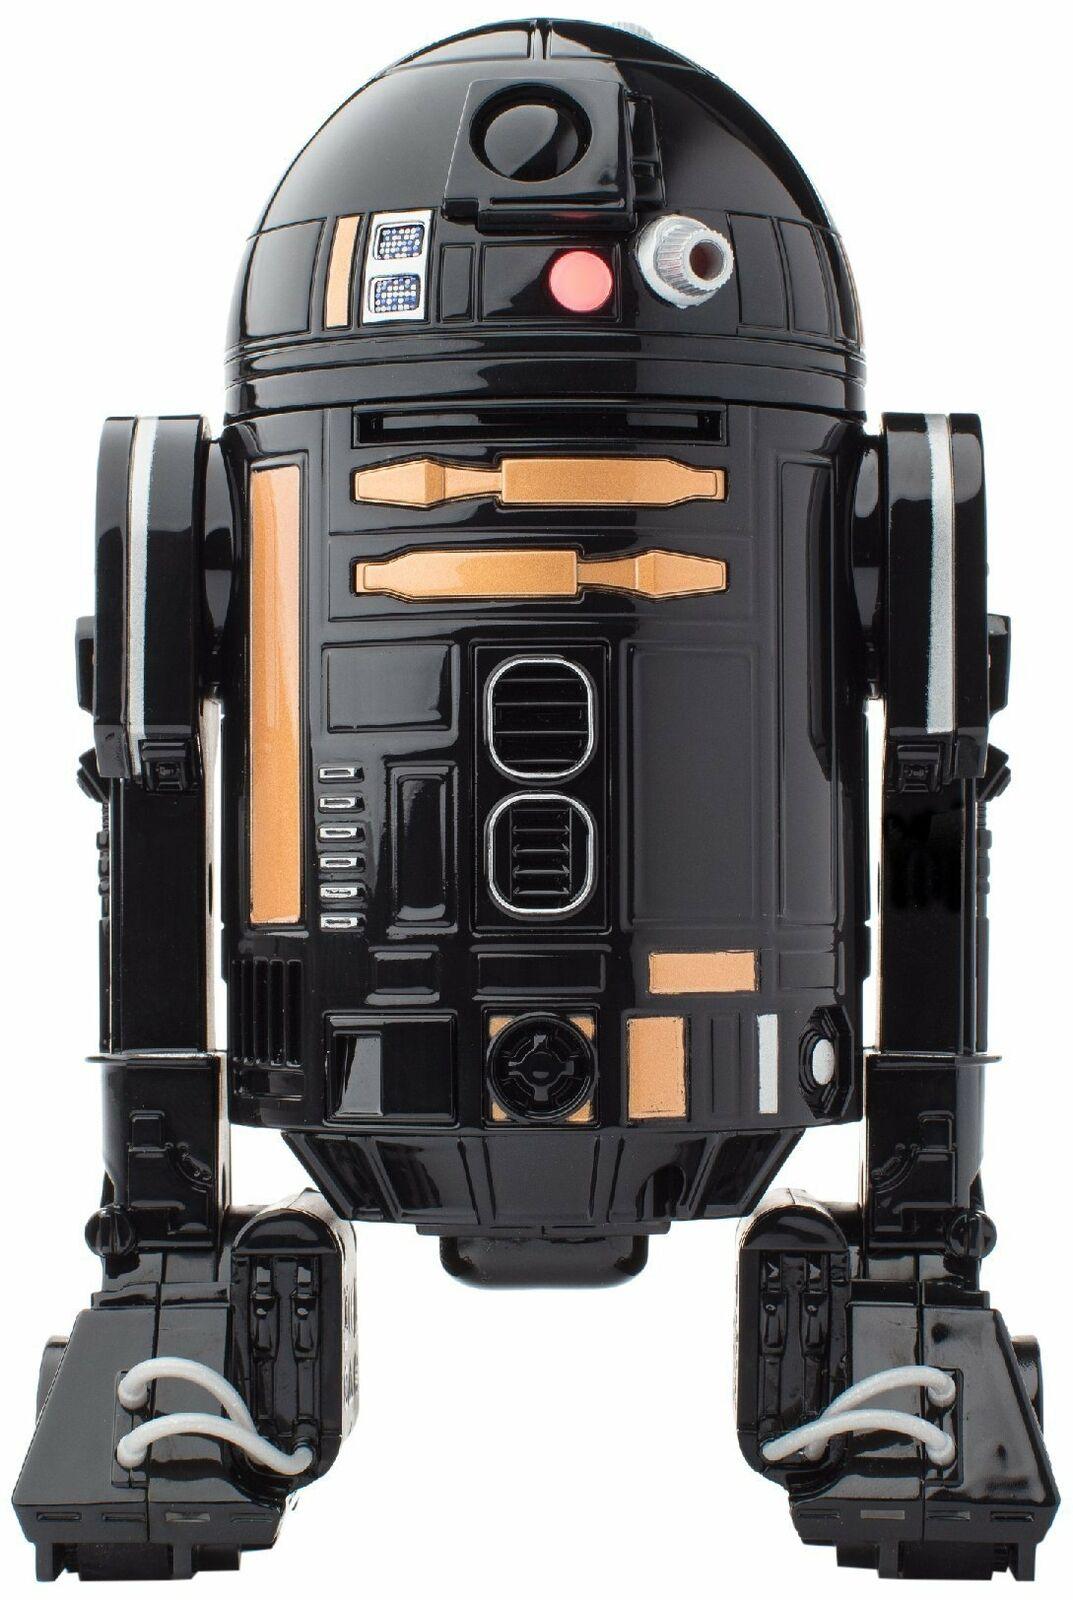 [Limited Number Of Amazon Limited Release] estrella guerras R2-Q5  Robot giocattolo Sphero [F S  autorizzazione ufficiale